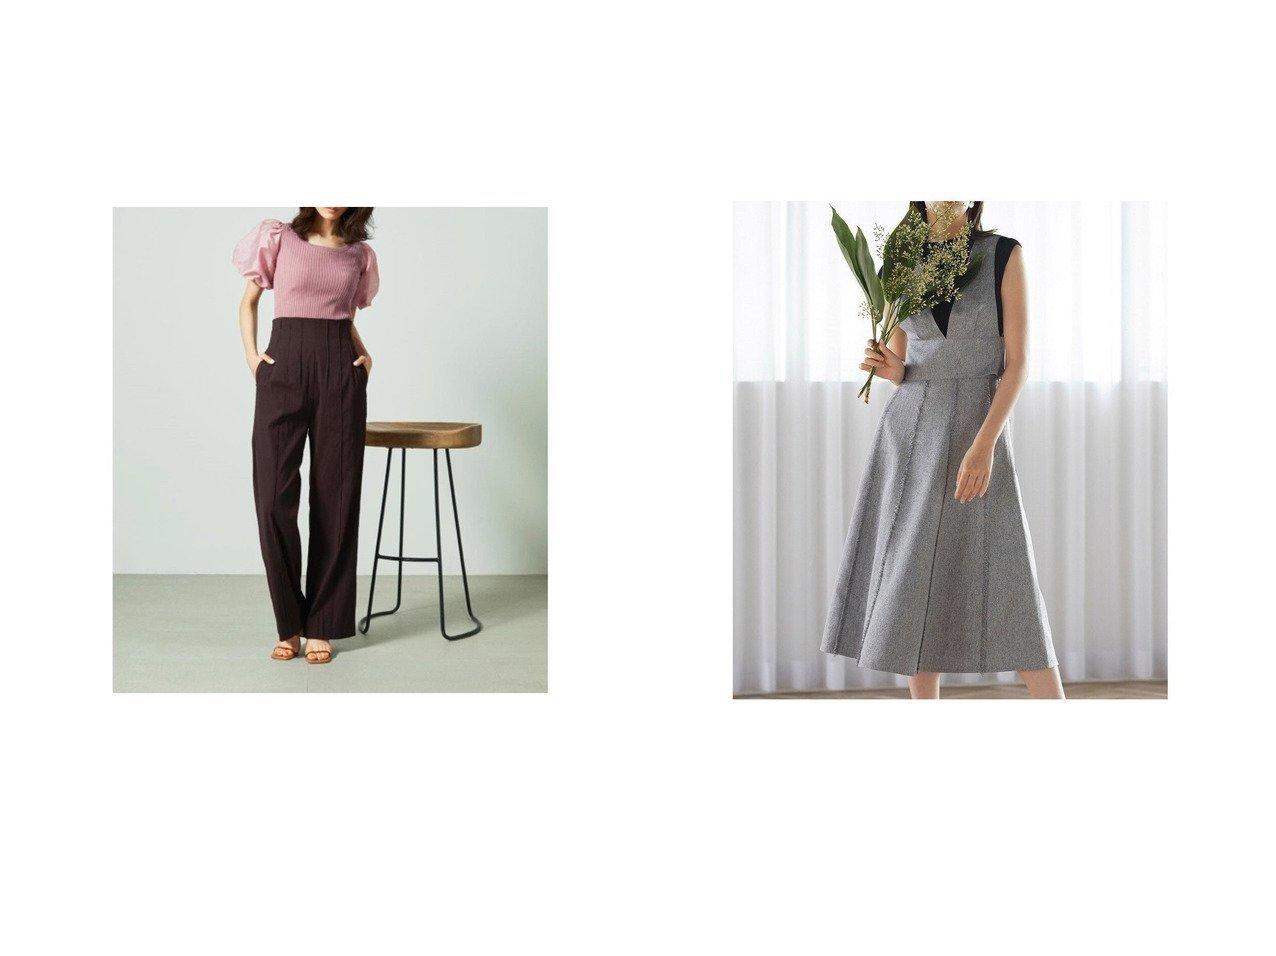 【Ketty/ケティ】のツイードビスチェ+スカートSET&【SNIDEL/スナイデル】のハイウエストストレートパンツ おすすめ!人気、トレンド・レディースファッションの通販 おすすめで人気の流行・トレンド、ファッションの通販商品 インテリア・家具・メンズファッション・キッズファッション・レディースファッション・服の通販 founy(ファニー) https://founy.com/ ファッション Fashion レディースファッション WOMEN パンツ Pants セットアップ Setup スカート Skirt シンプル ストレート スマート セットアップ センター リラックス ロング ワイド A/W・秋冬 AW・Autumn/Winter・FW・Fall-Winter 2021年 2021 2021-2022秋冬・A/W AW・Autumn/Winter・FW・Fall-Winter・2021-2022 おすすめ Recommend ツイード ビスチェ フリンジ フレア マーメイド  ID:crp329100000055375